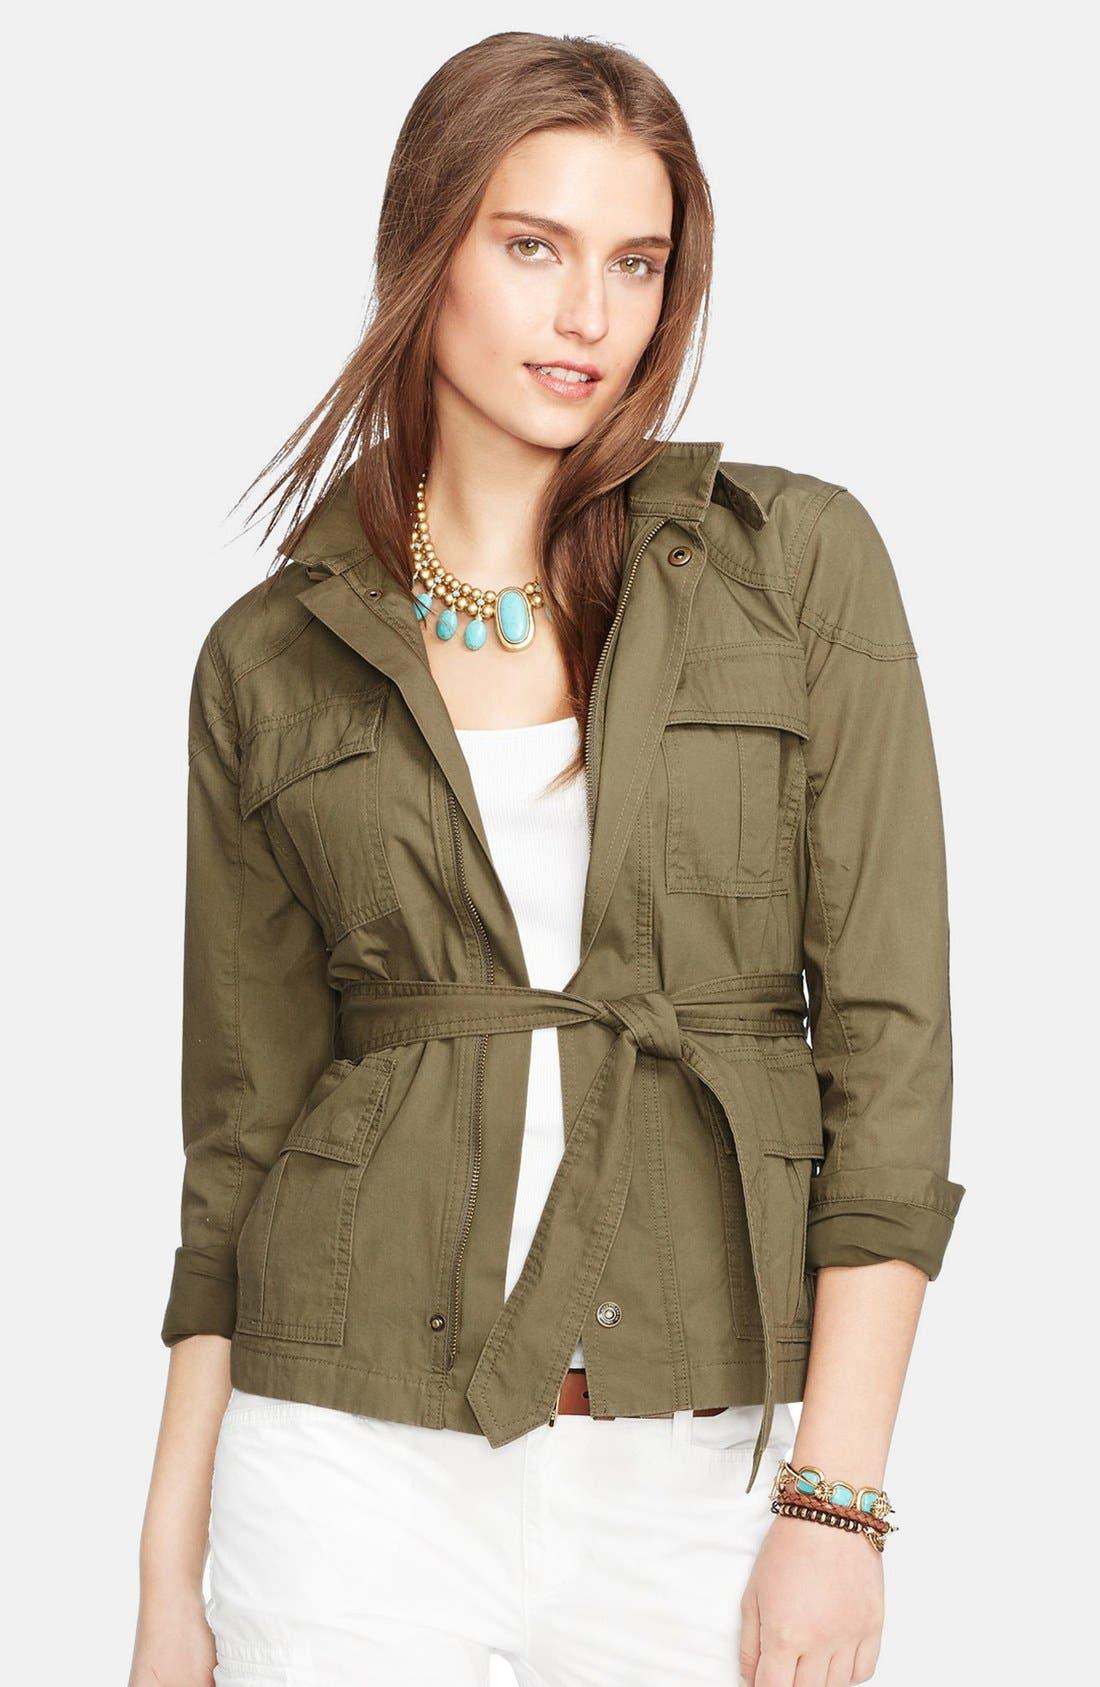 Alternate Image 1 Selected - Lauren Ralph Lauren Cotton Military Jacket